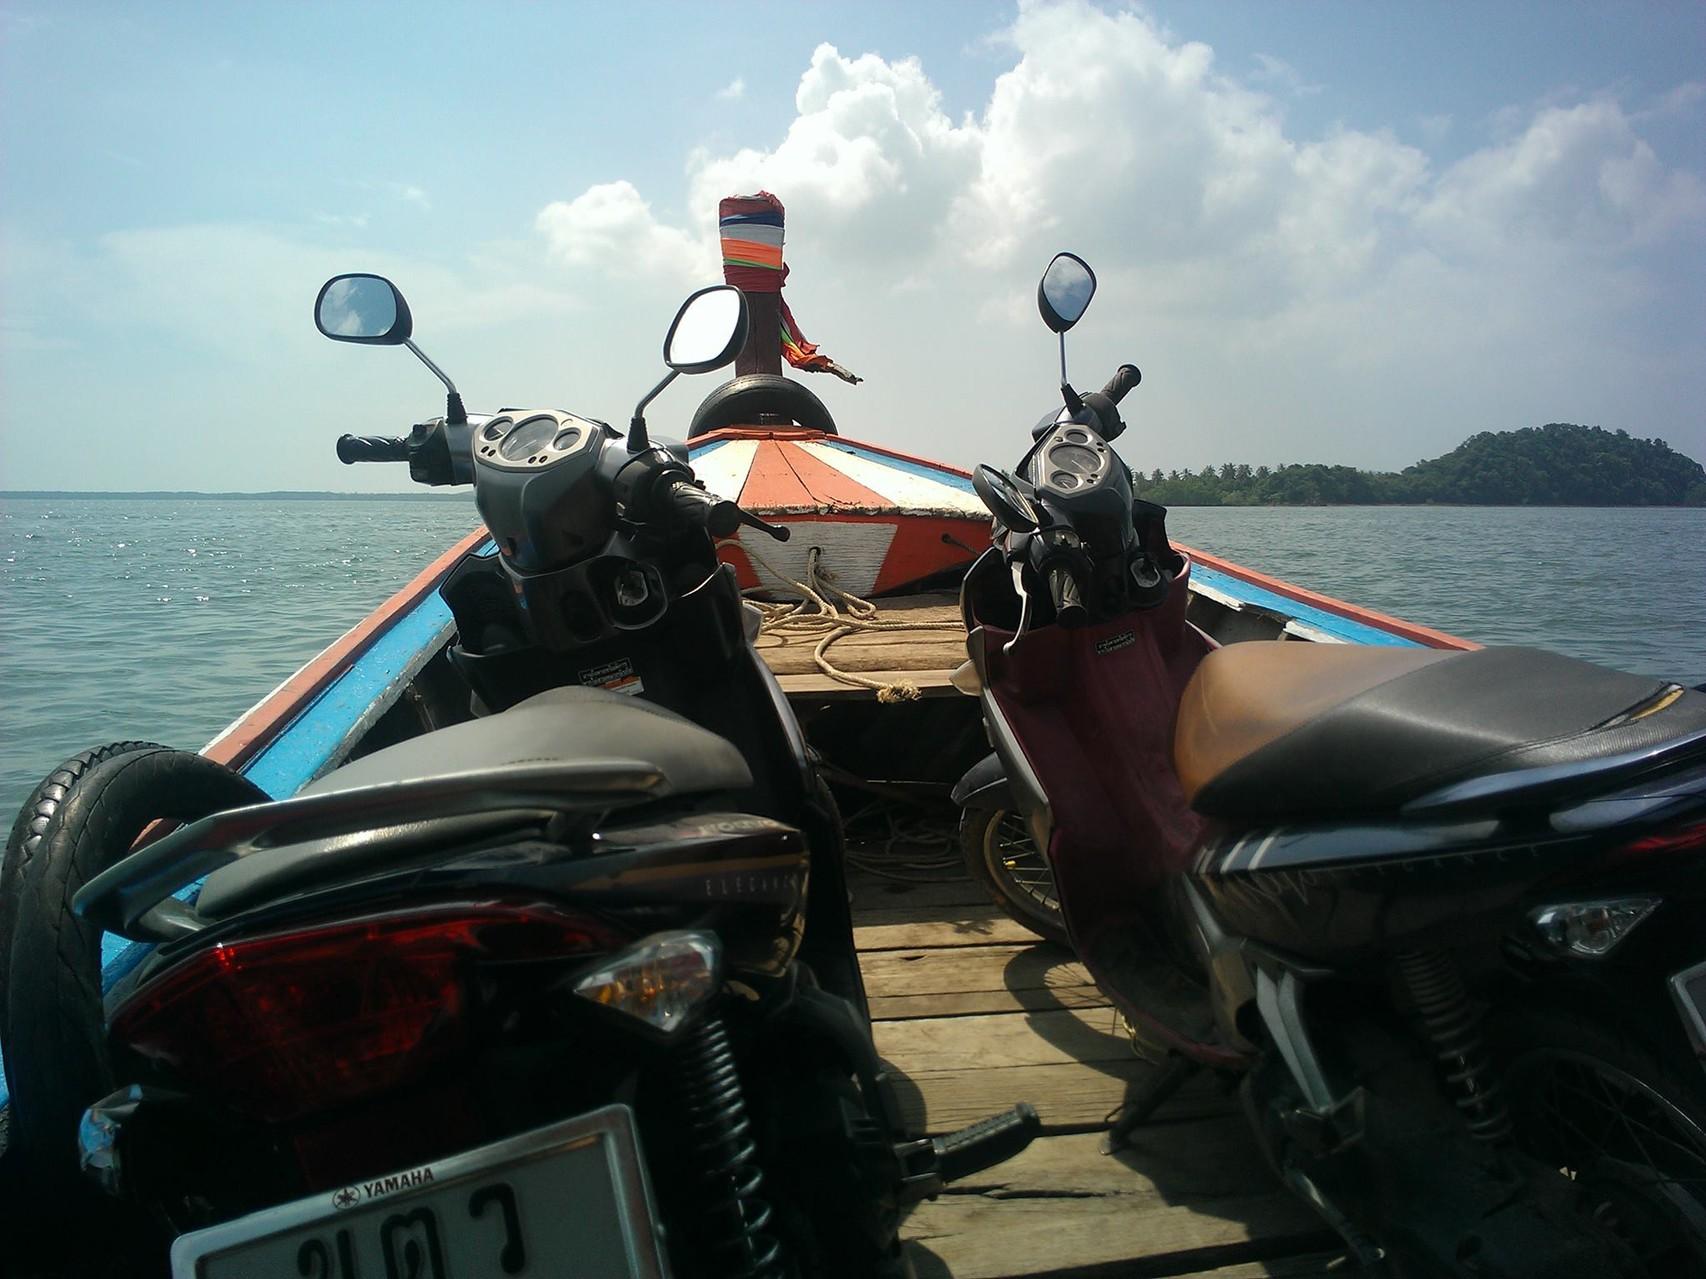 Ueberfahrt nach Koh Sukorn mit unseren Motorrädern